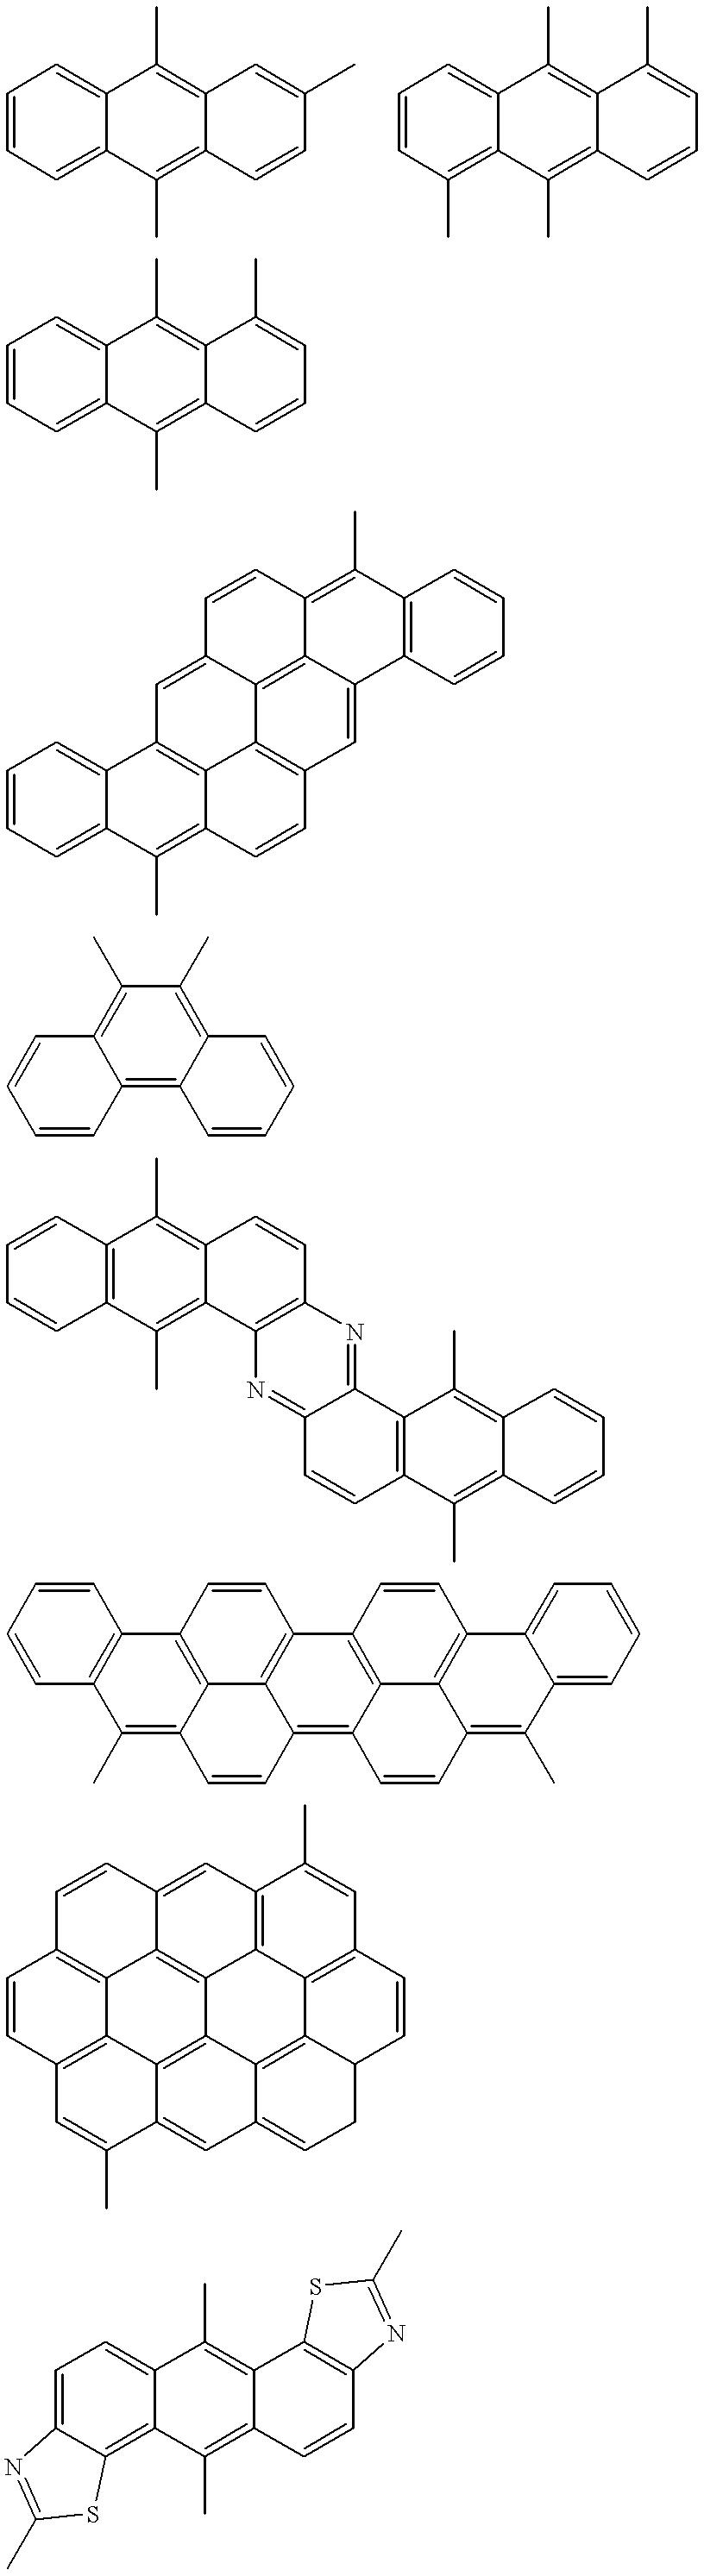 Figure US06285039-20010904-C00055